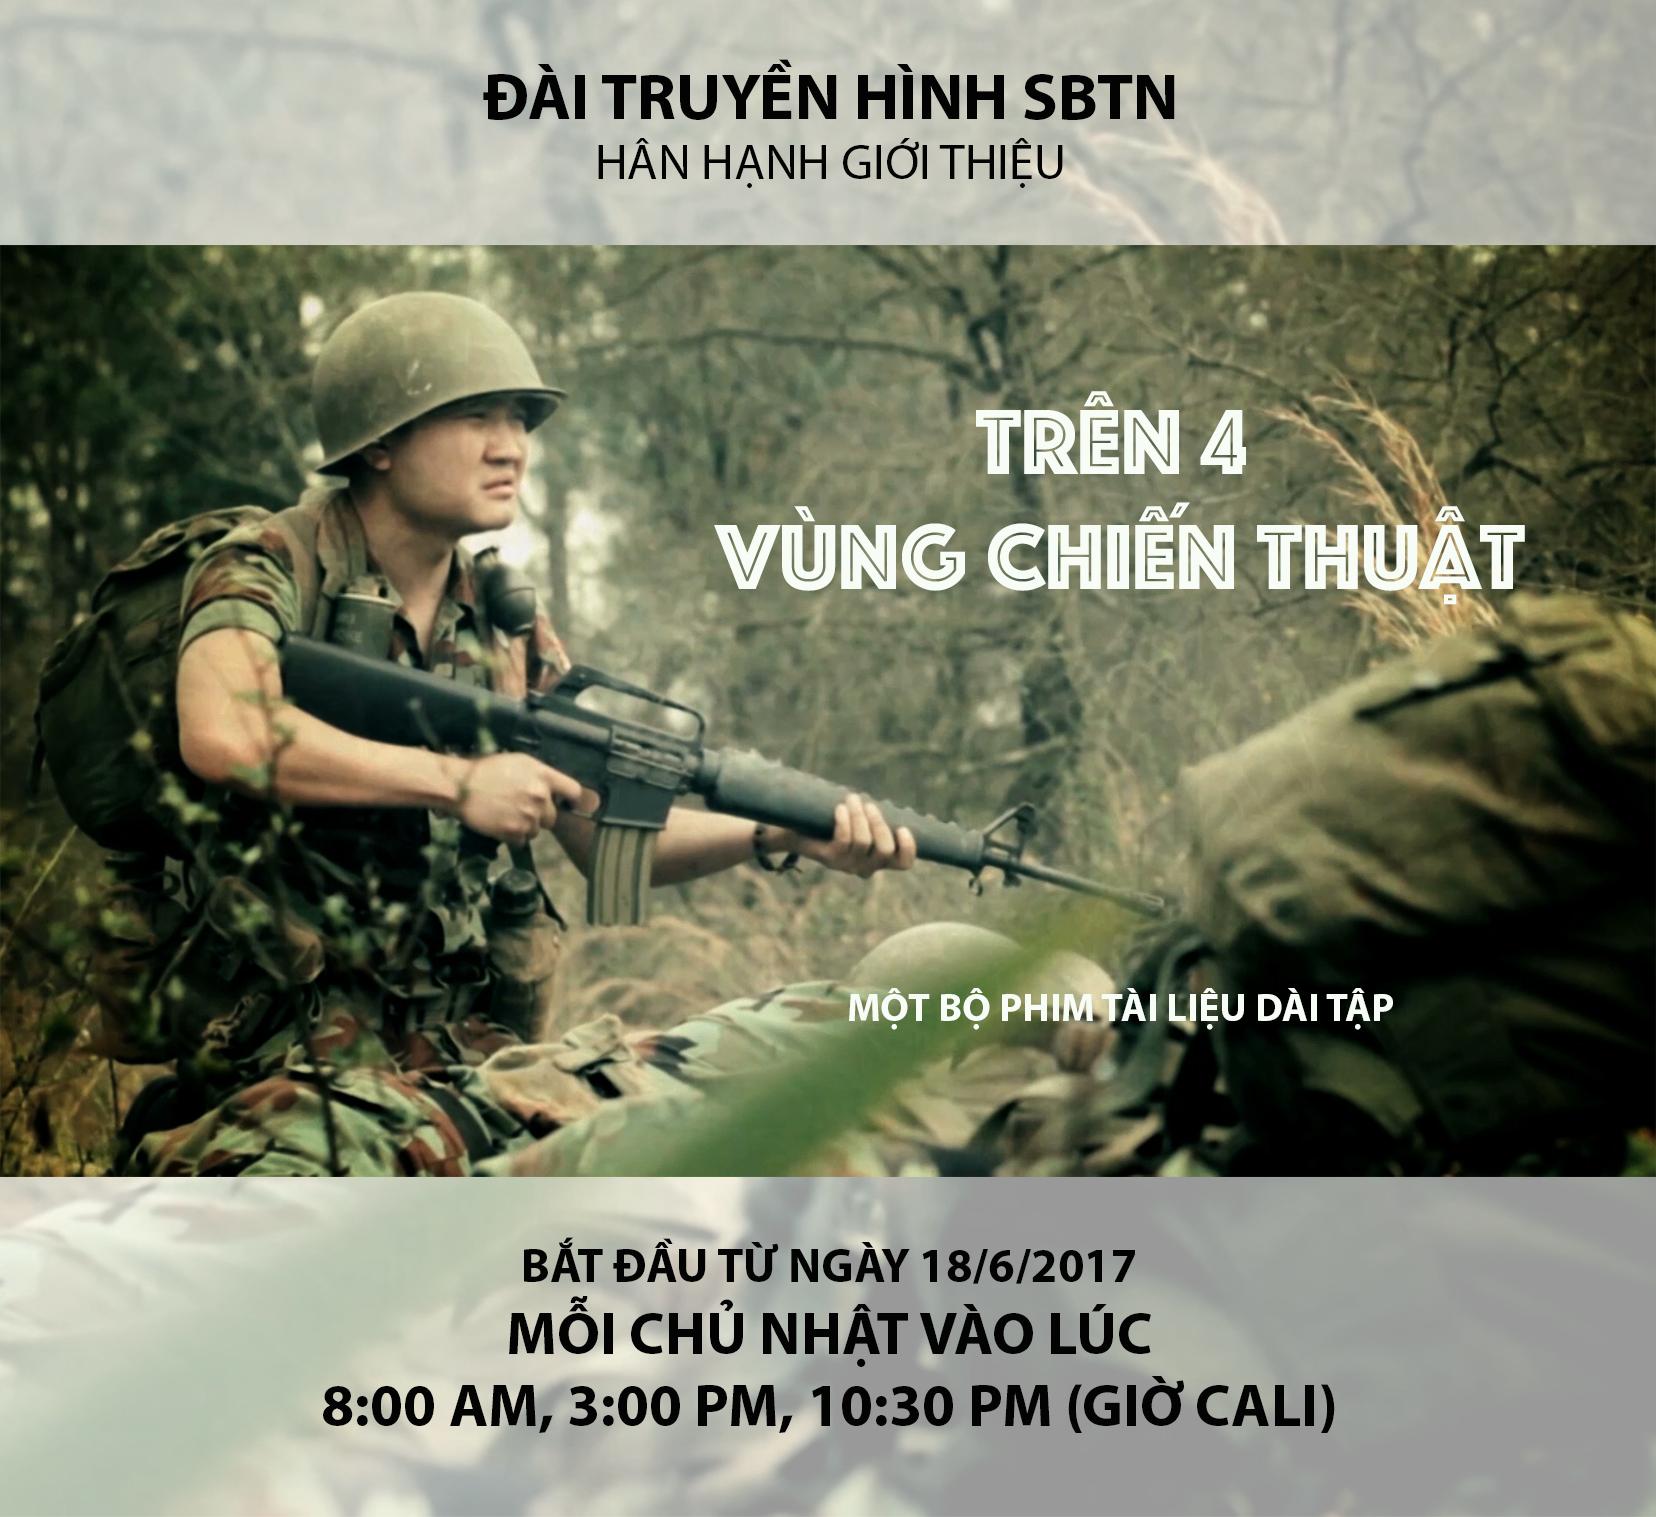 """SBTN chuẩn bị trình chiếu và ra mắt DVD bộ phim tài liệu """"Trên Bốn Vùng Chiến Thuật"""""""